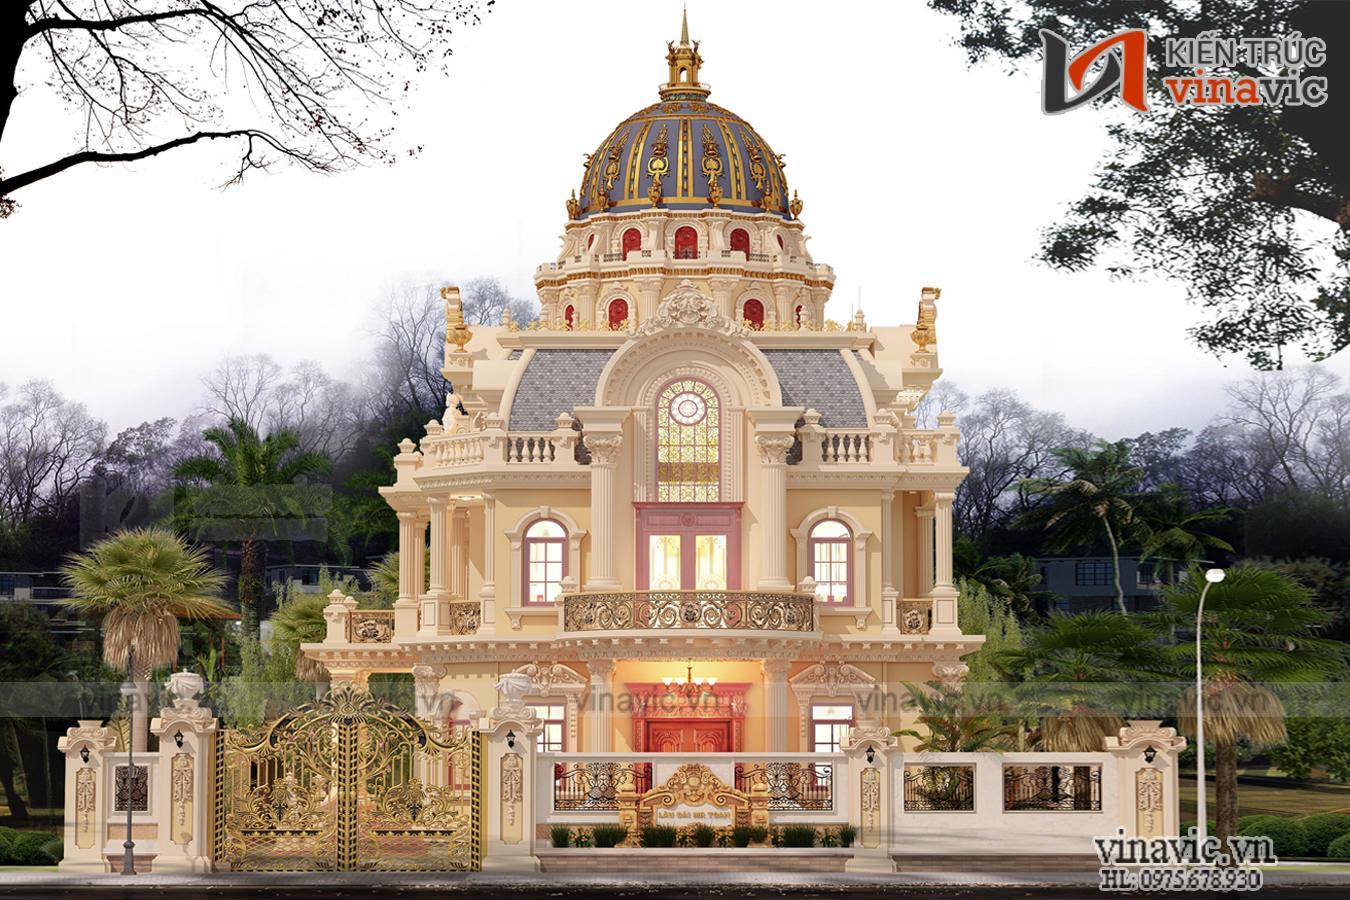 Thiết kế Cung Điện Mùa Đông thiên đường mơ ước của cuộc sống LDDT1908